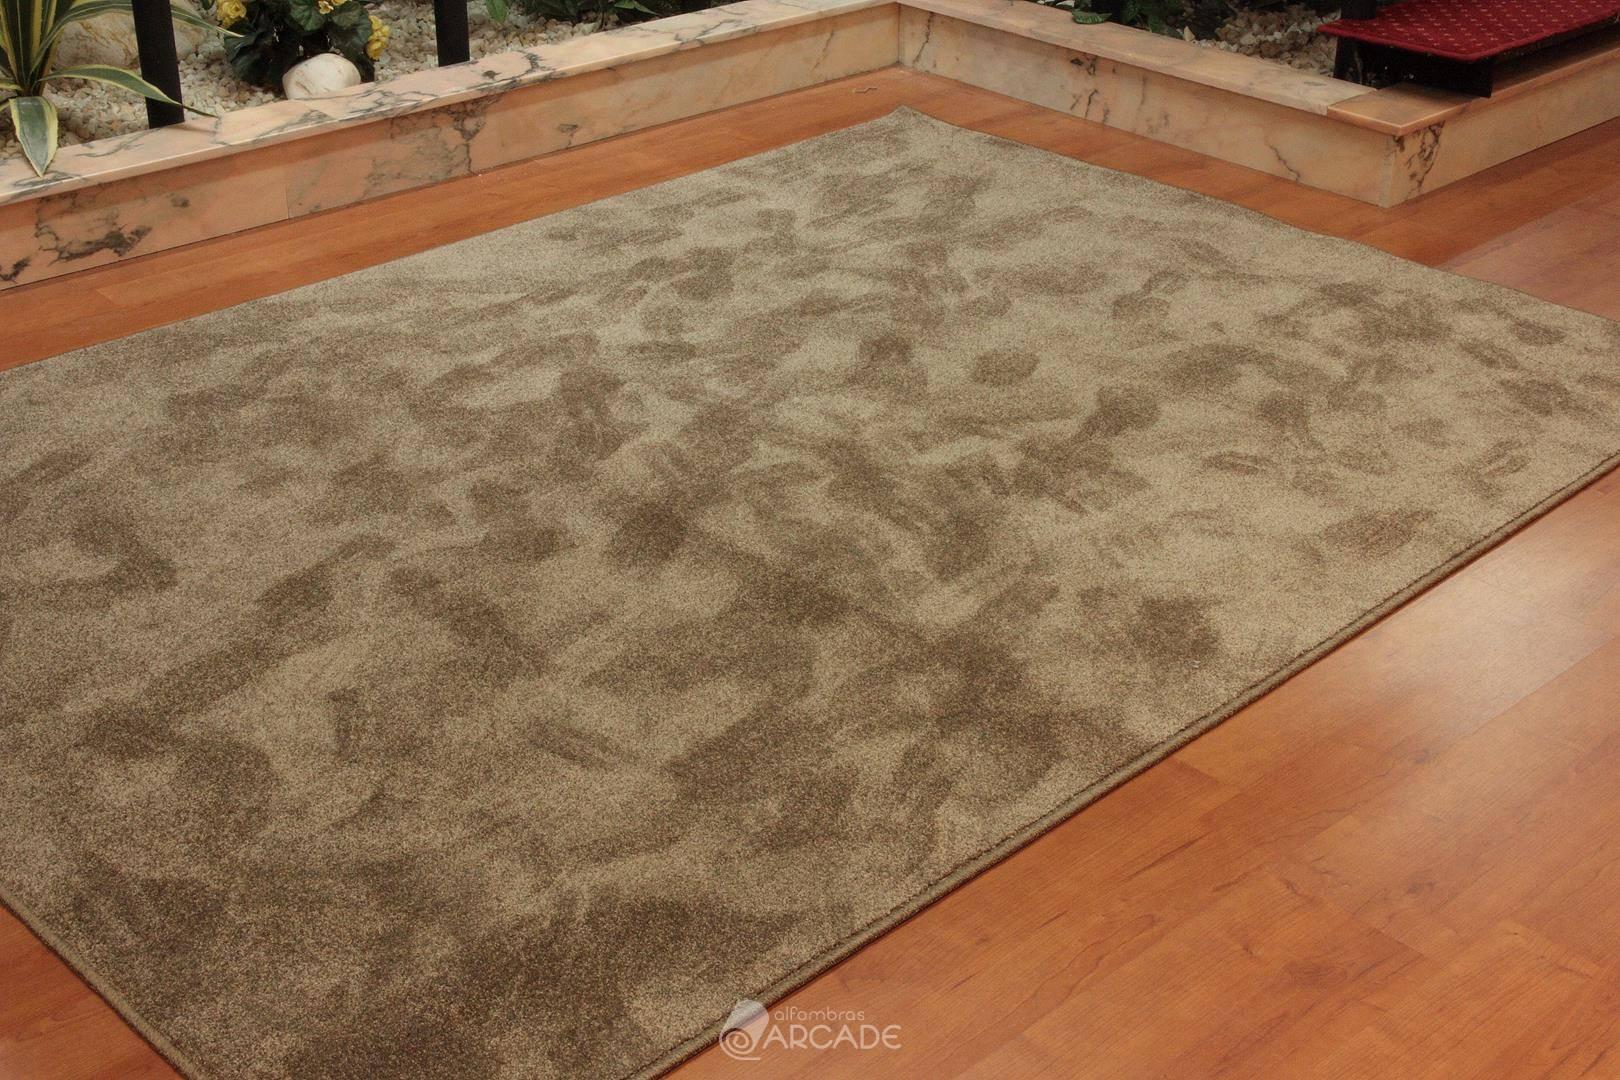 Alfombras arcade alfombra efecto seda marr n - Alfombras kp efecto seda ...